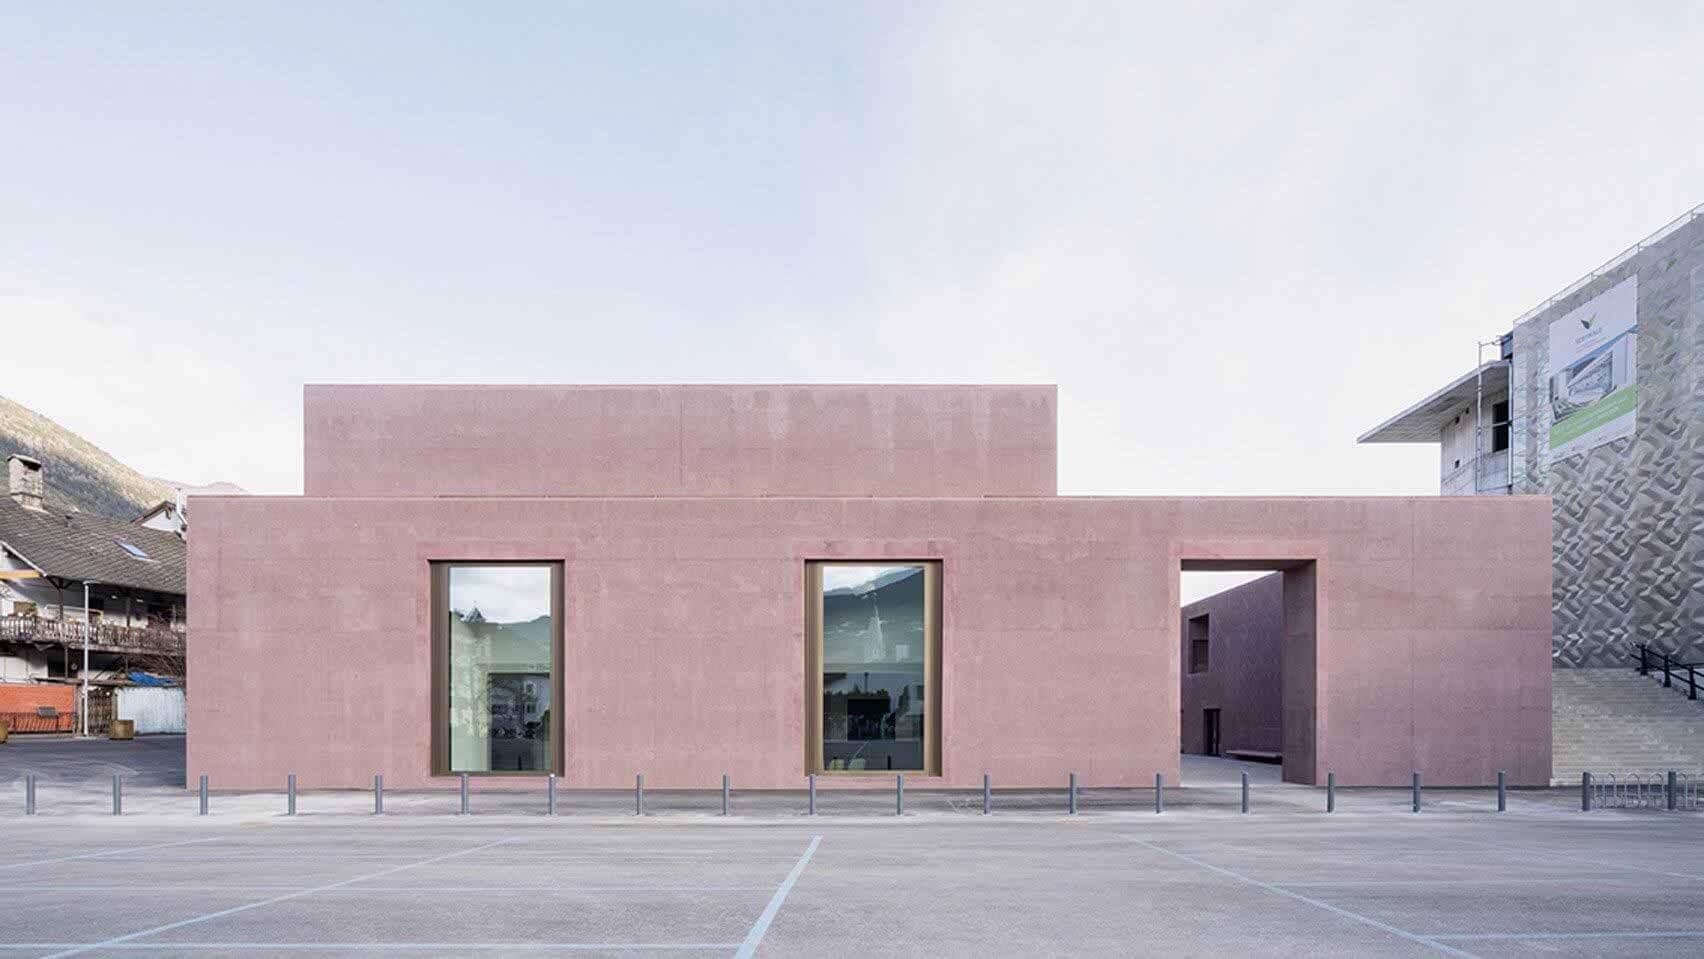 Карлана Меццалира Пентималли создала дизайнерскую музыкальную школу из бетона